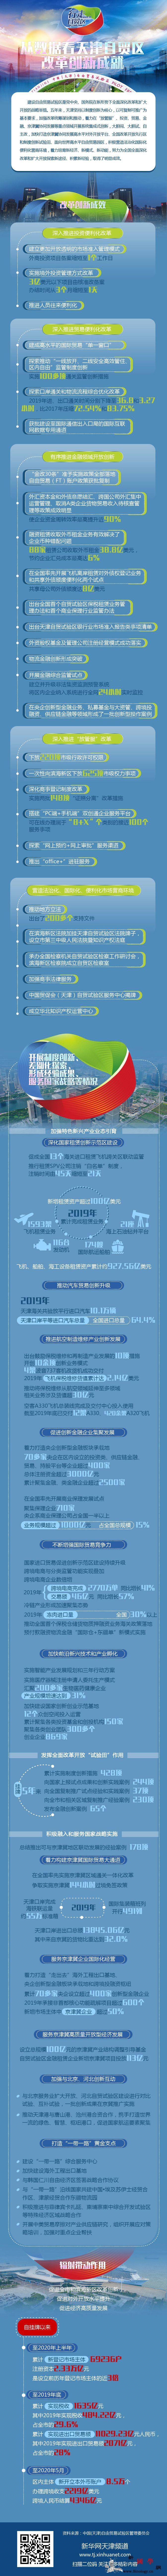 【行走自贸区】从数据看天津自贸区改革_编辑-天津-行走-